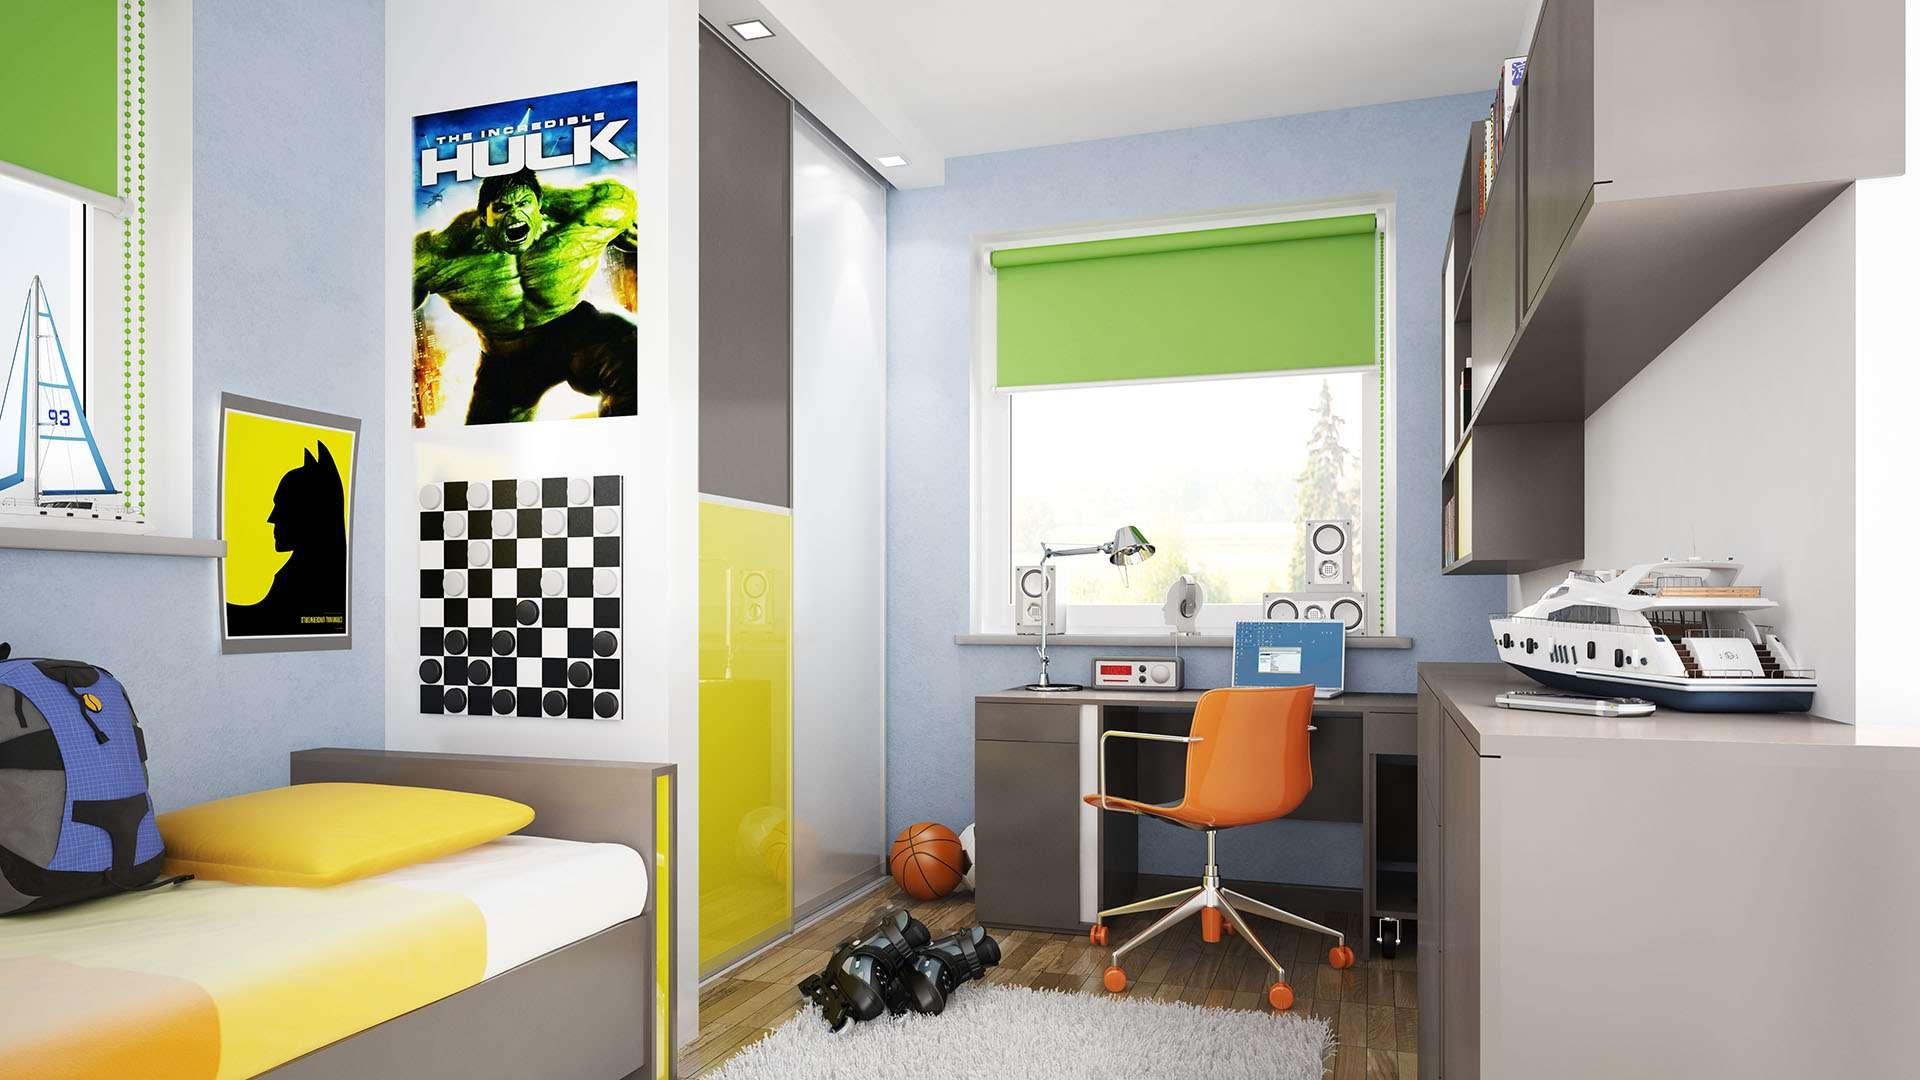 3 színű tolóajtóval szerelt gyerekszoba beépített szekrény